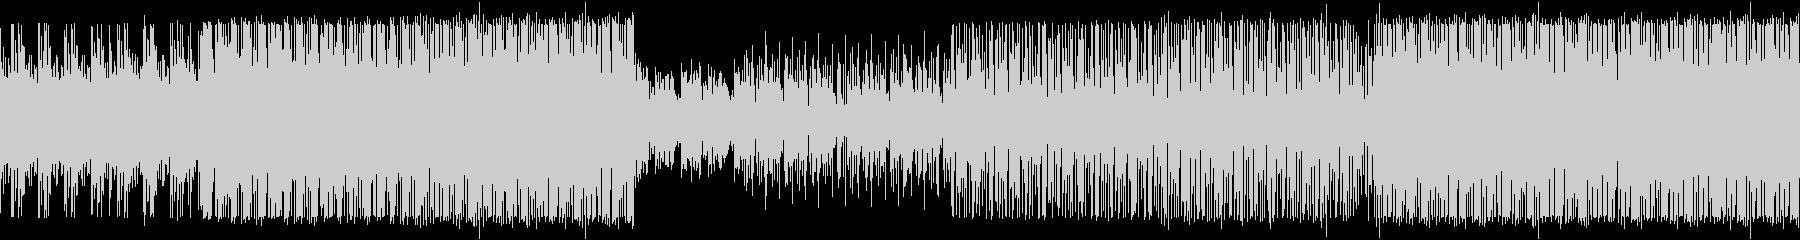 【ループ対応】ビートメインのBGMの未再生の波形